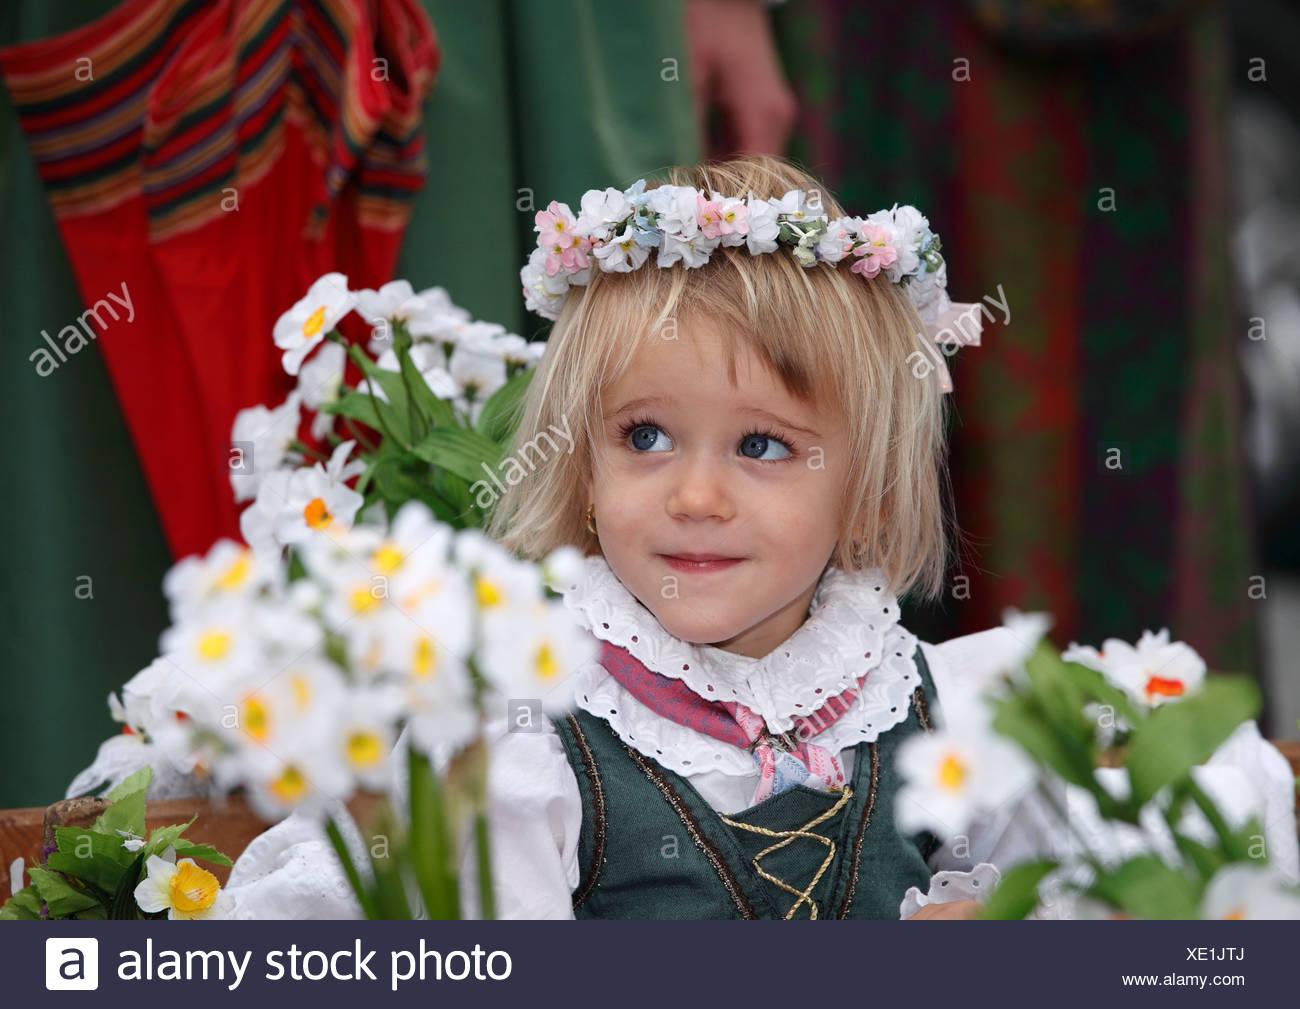 Mädchen mit Blumen Kranz, Narzissenfest Narcissus-Festival in Bad Aussee, Ausseer Land, Salzkammergut Region, Steiermark, Österreich, Eur Stockbild